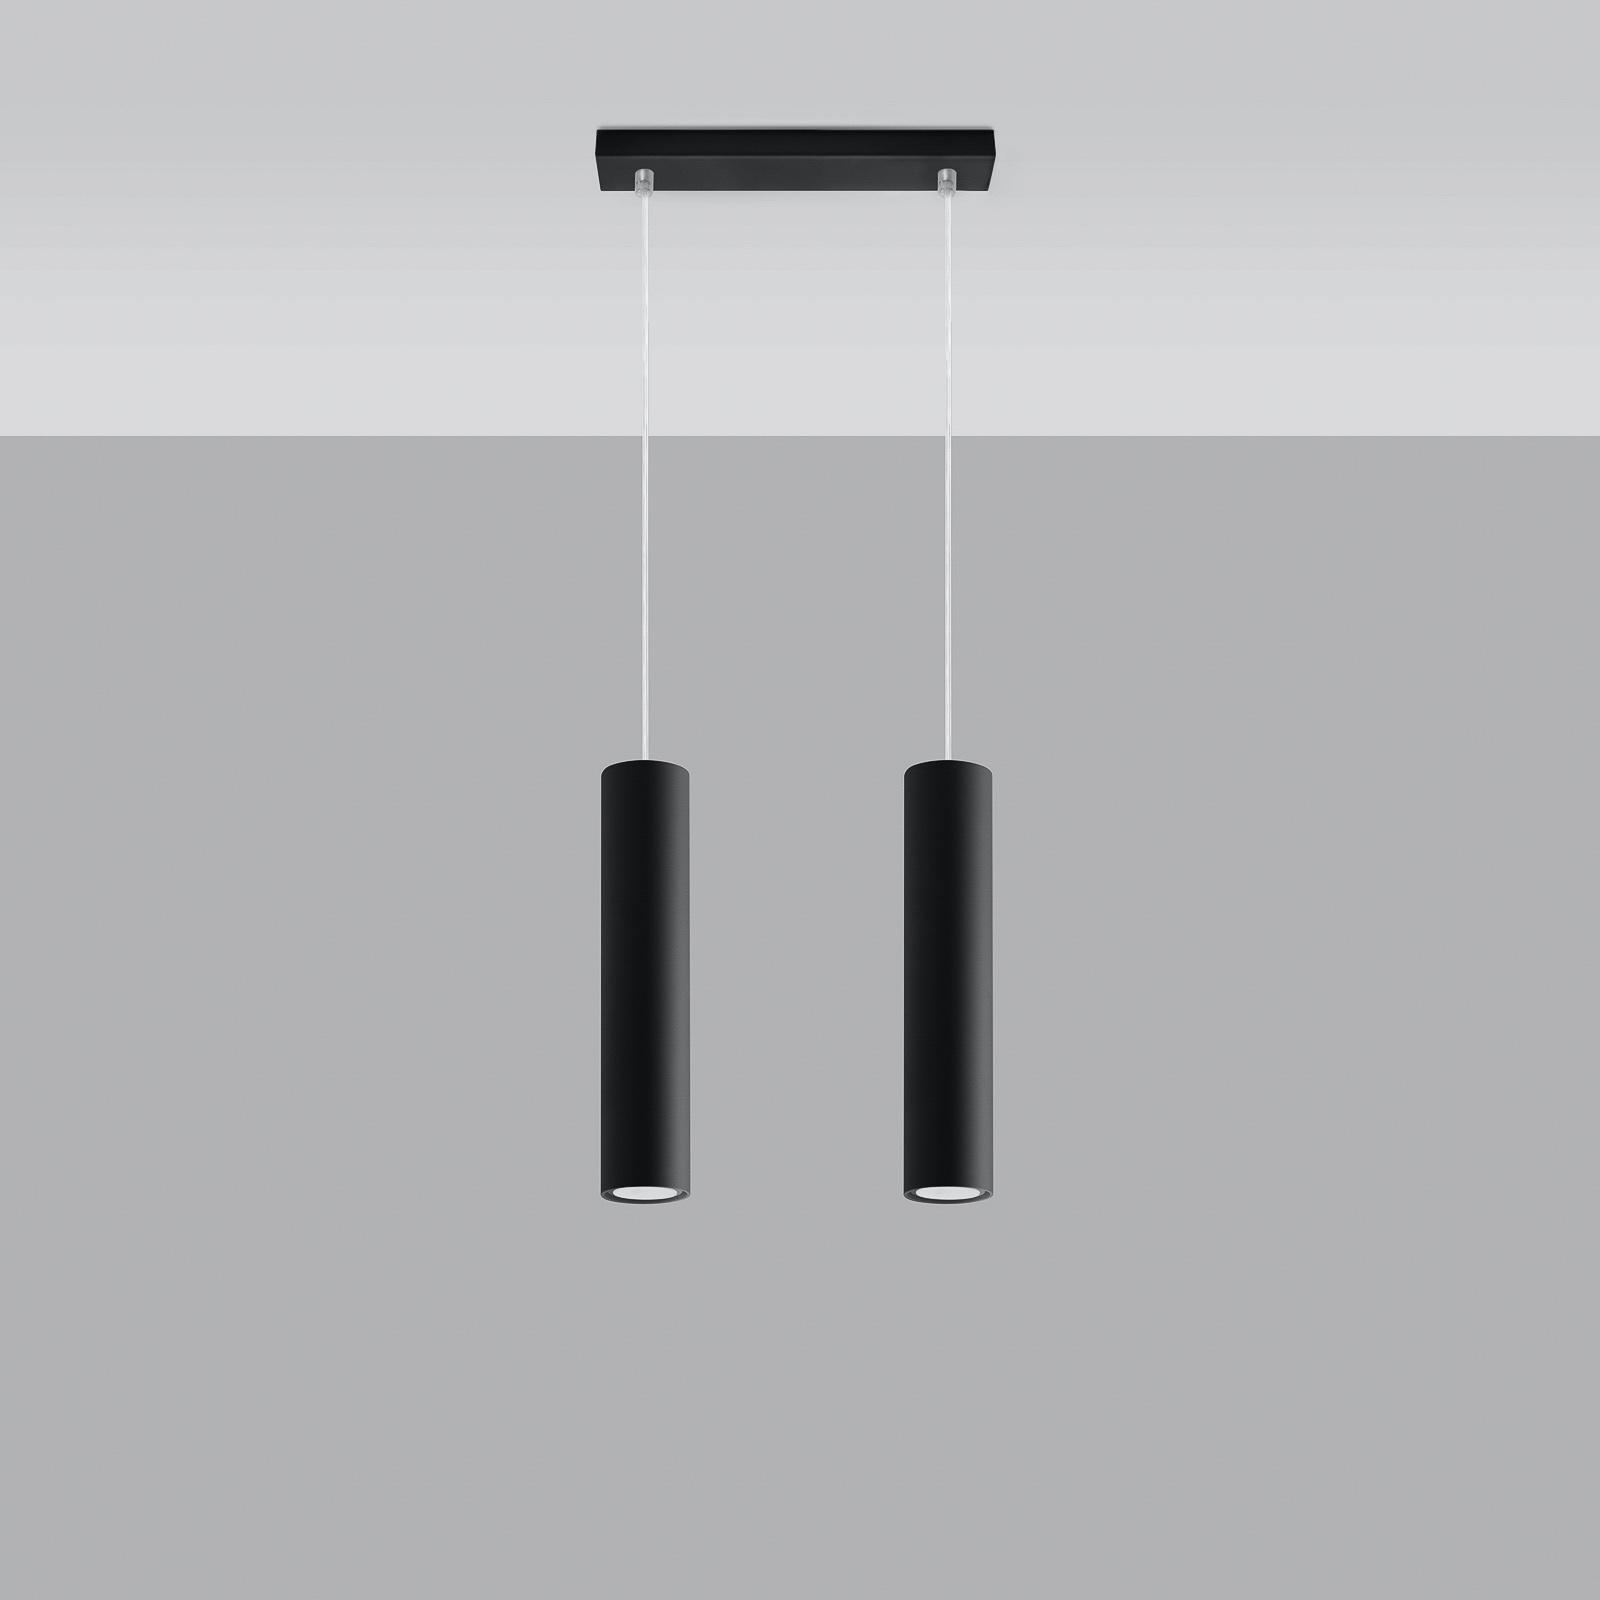 Riippuvalaisin Tube, musta, 2-lamppuinen